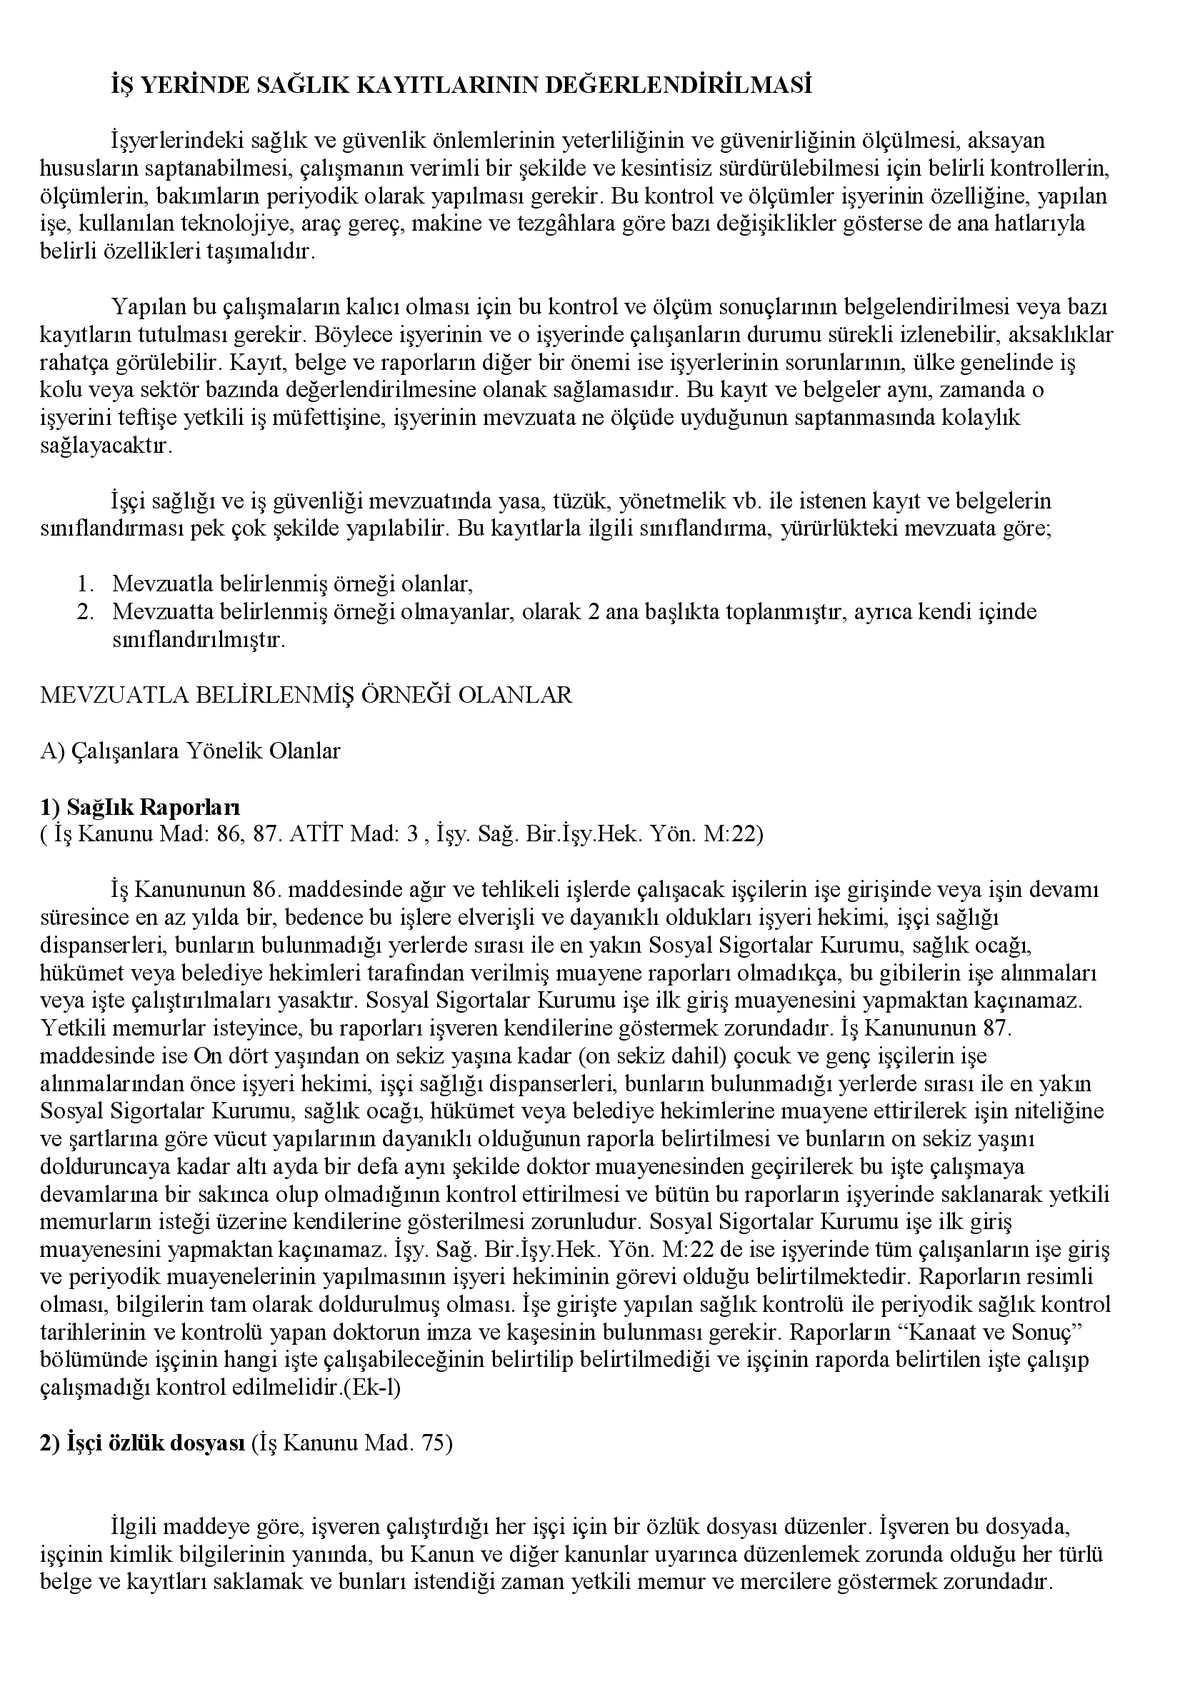 91573186-İşyeri-Sağlık-Kayıtlarının-Değerlendirilmesi